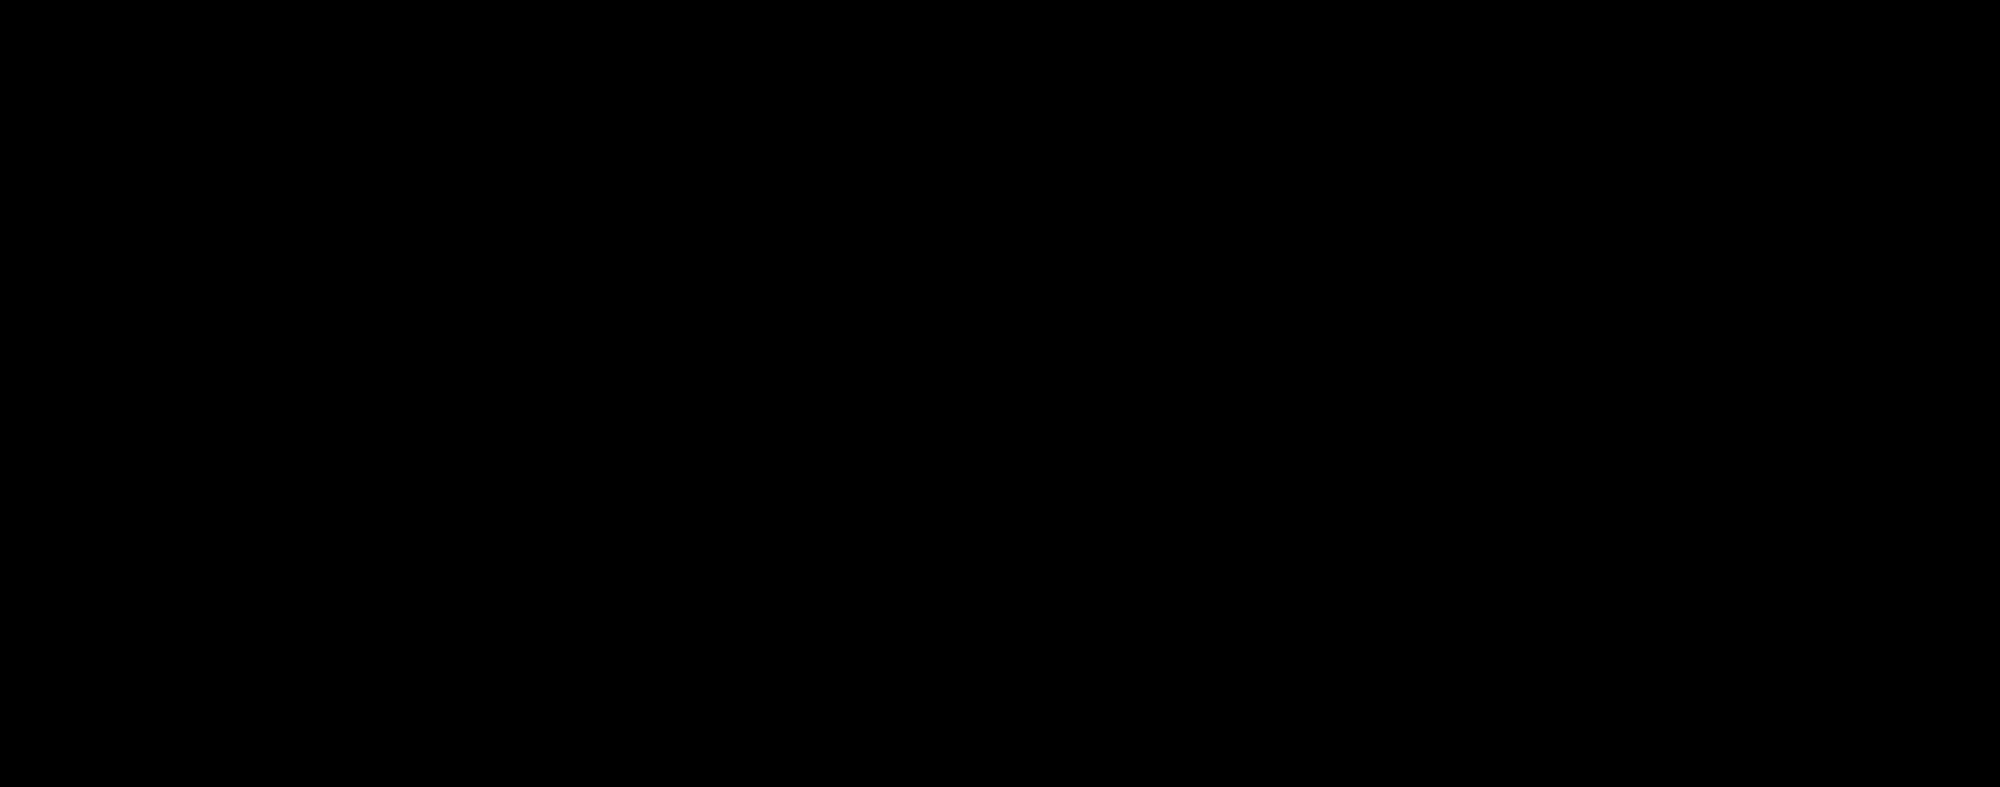 Werben & Verkaufen Logo